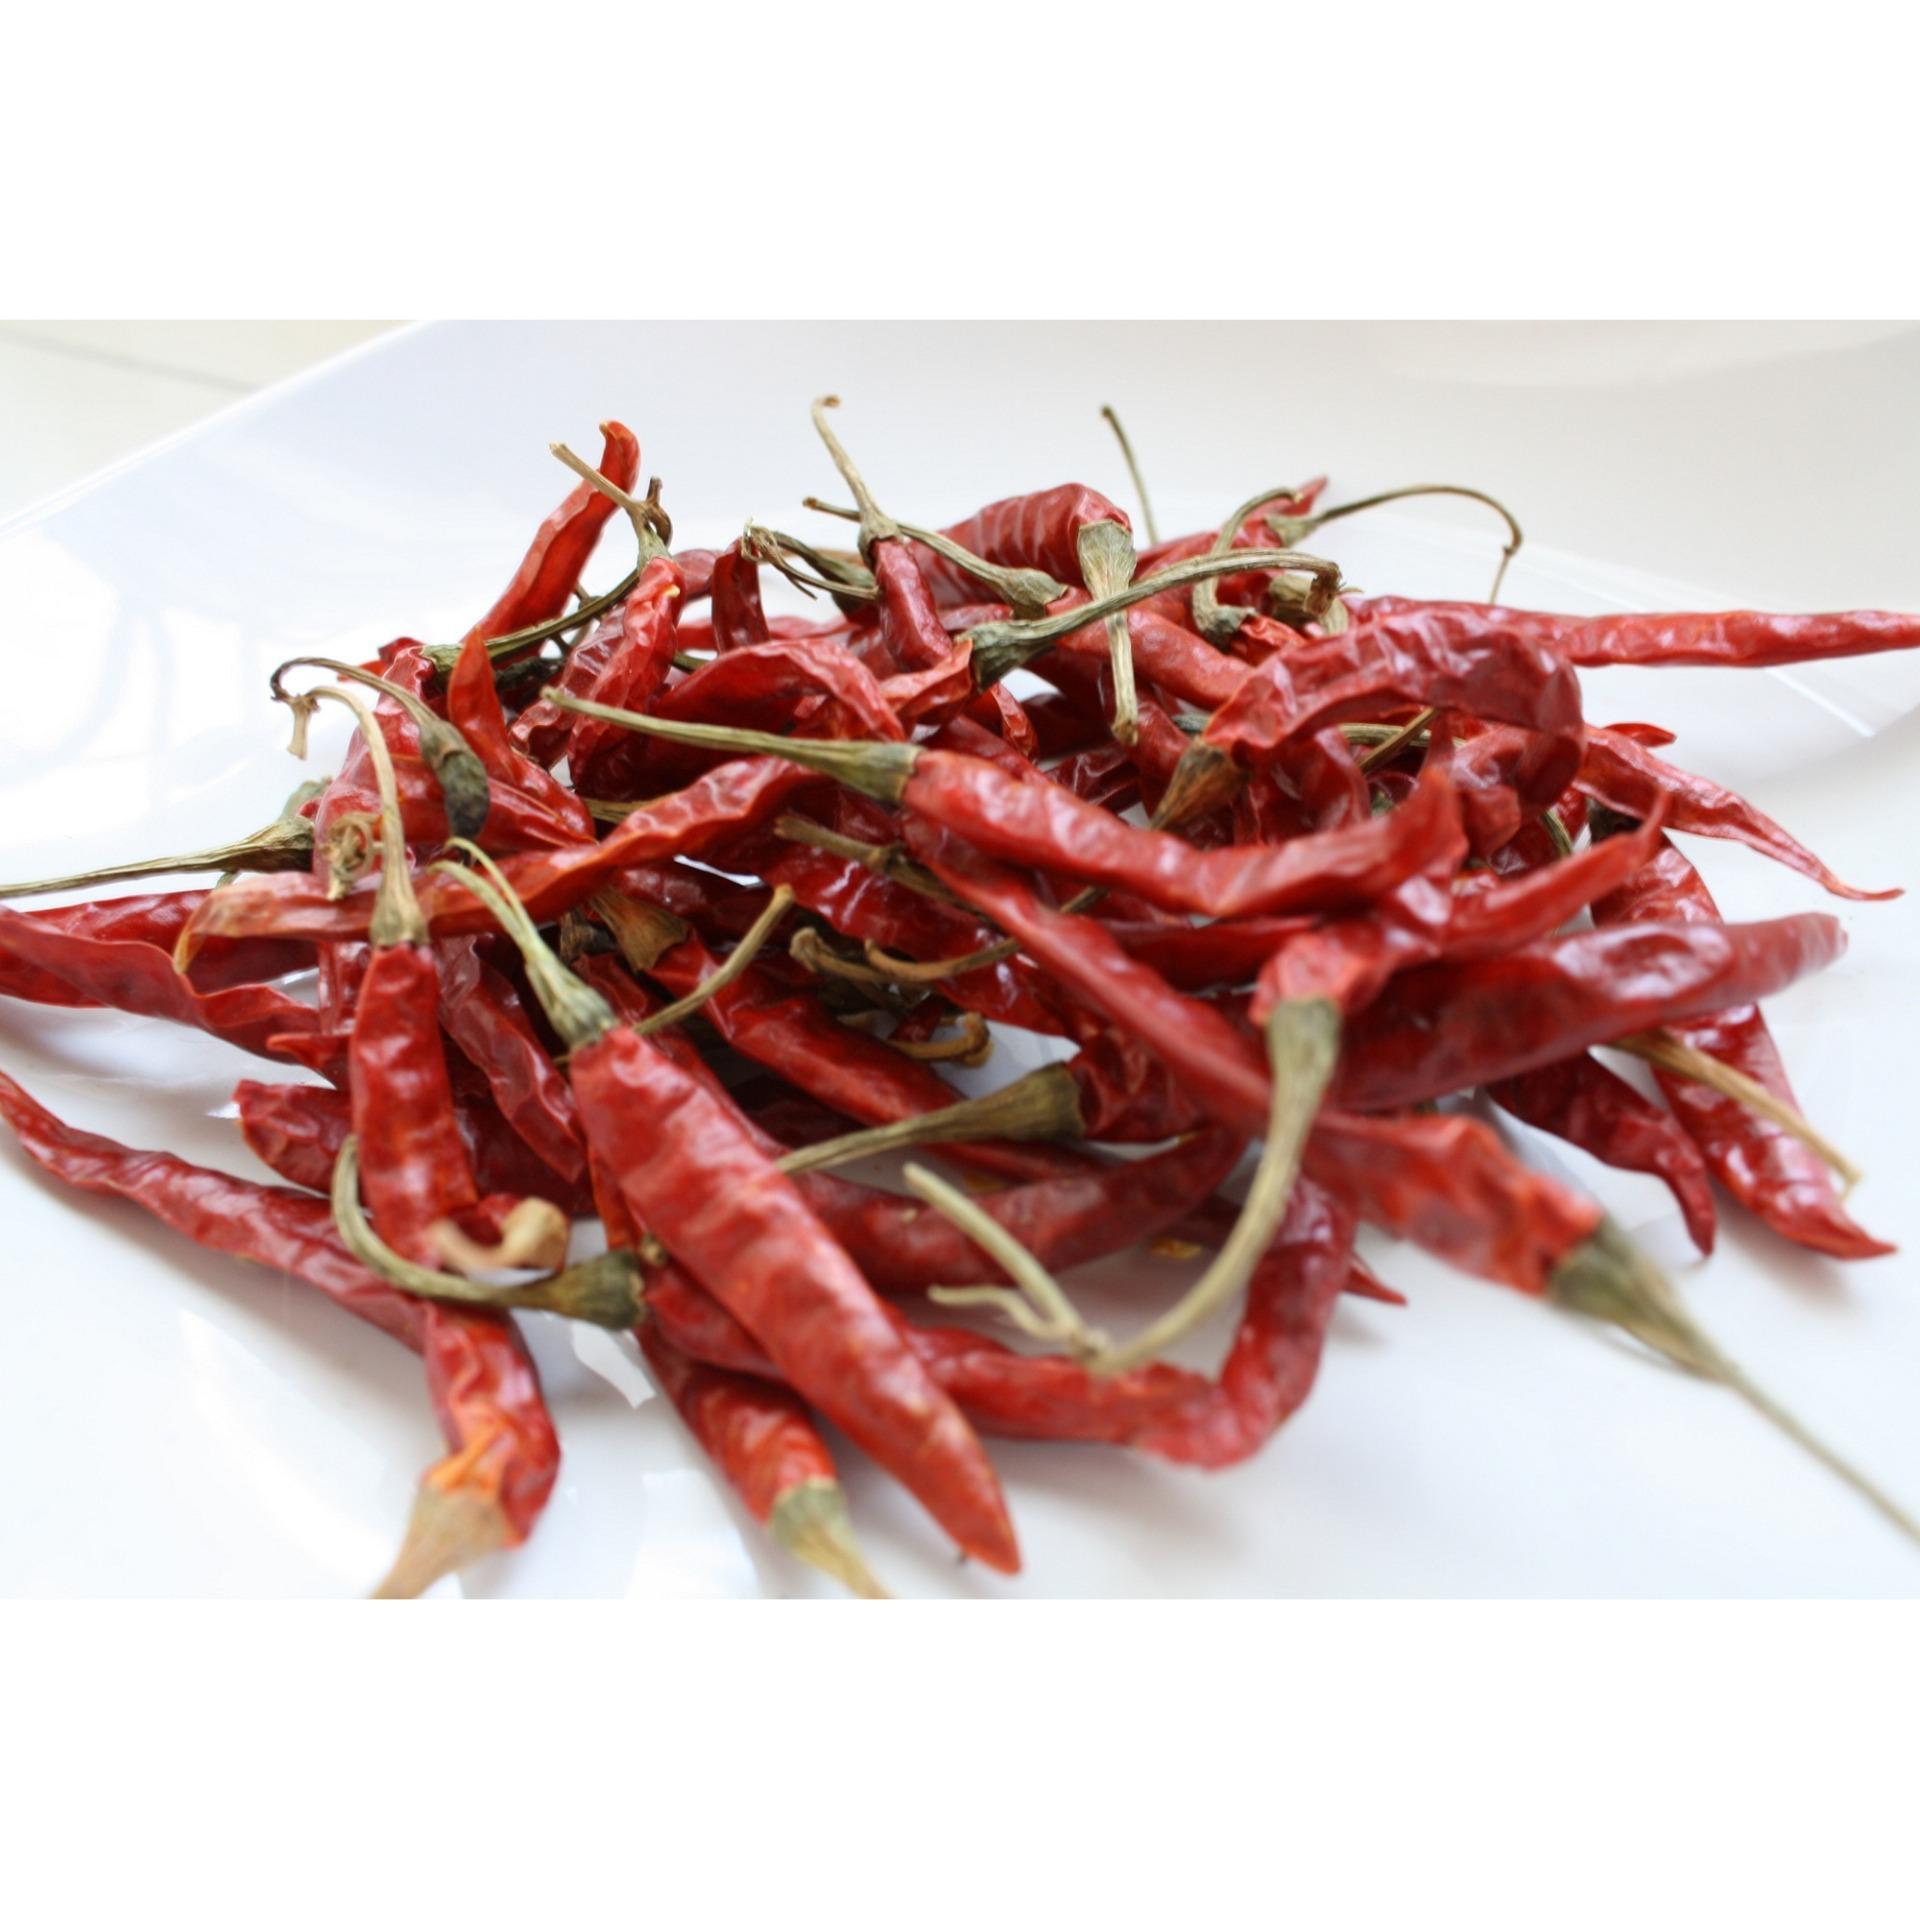 Ớt Đỏ Khô (Siêu cay siêu thơm ngon) 500g